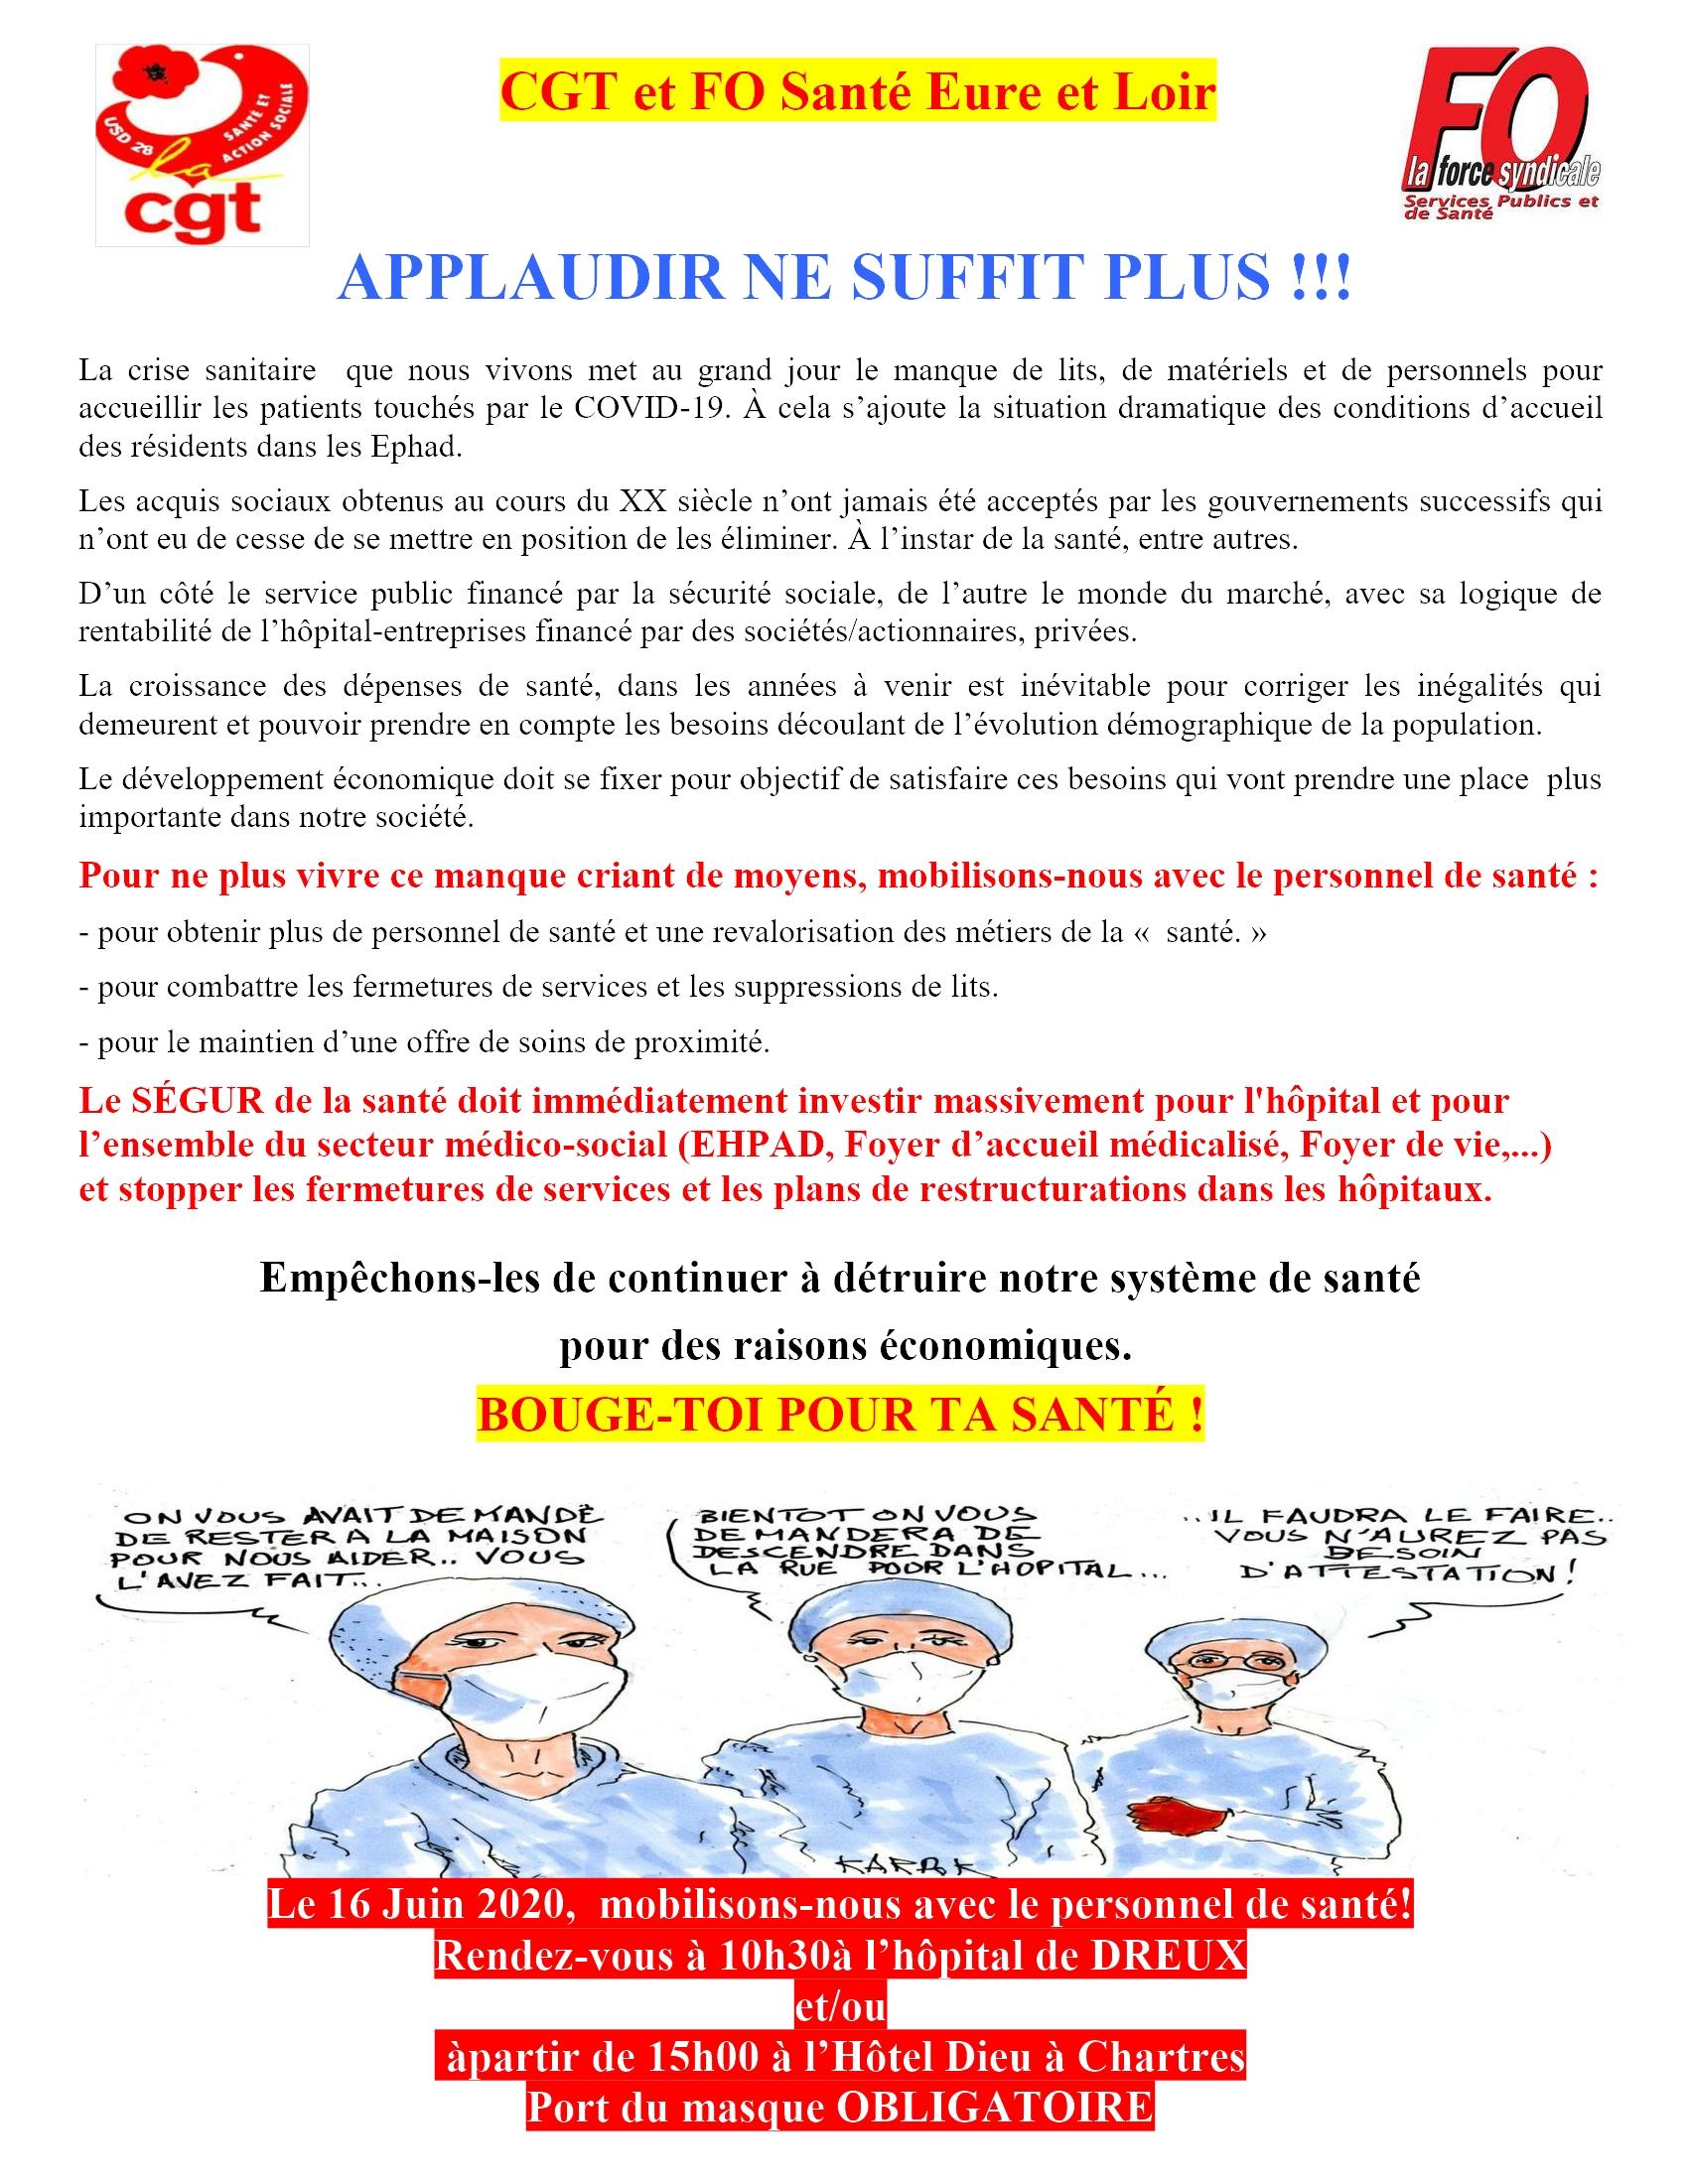 CGT FO Santé Dreux 16 juin 2020 (tract vers usagers]